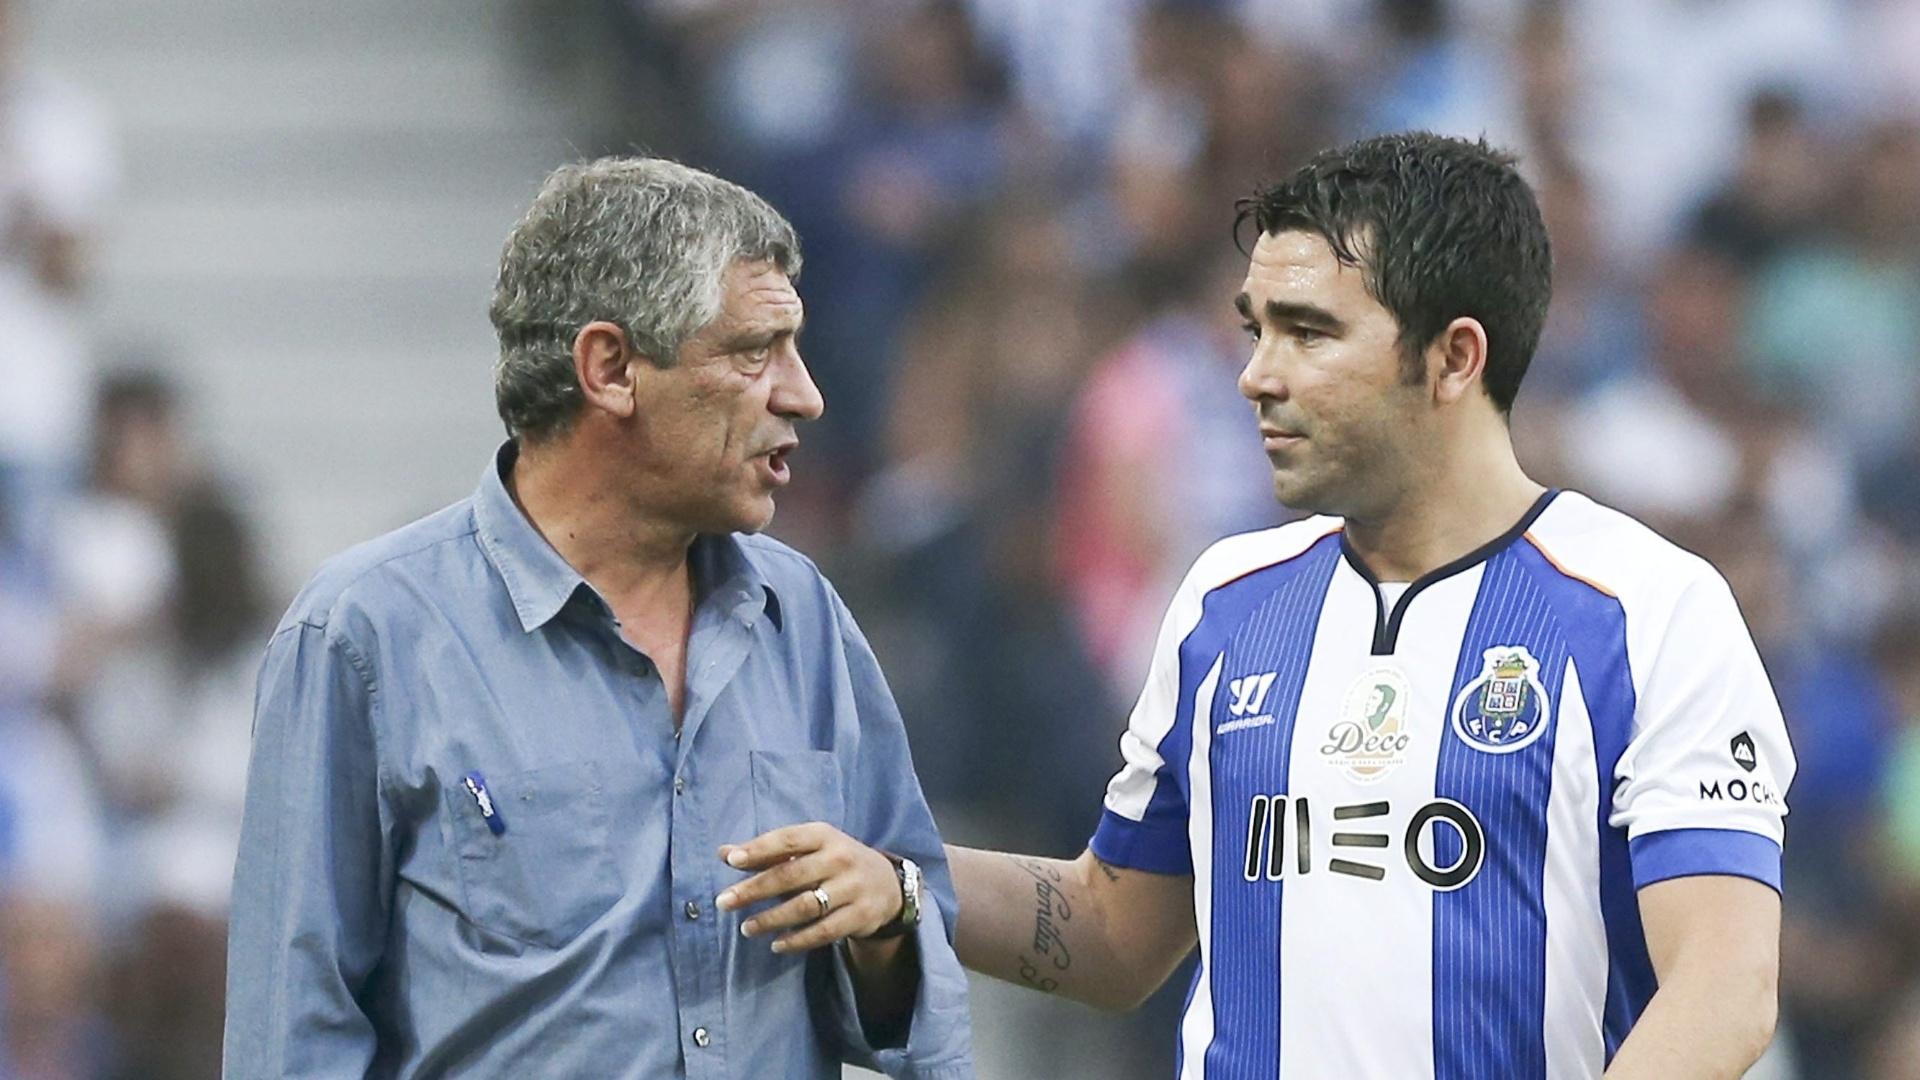 O jogador brasileiro naturalizado português conversa com Fernando Santos, que treinou o Porto e comandou a Grécia na Copa do Mundo no Brasil